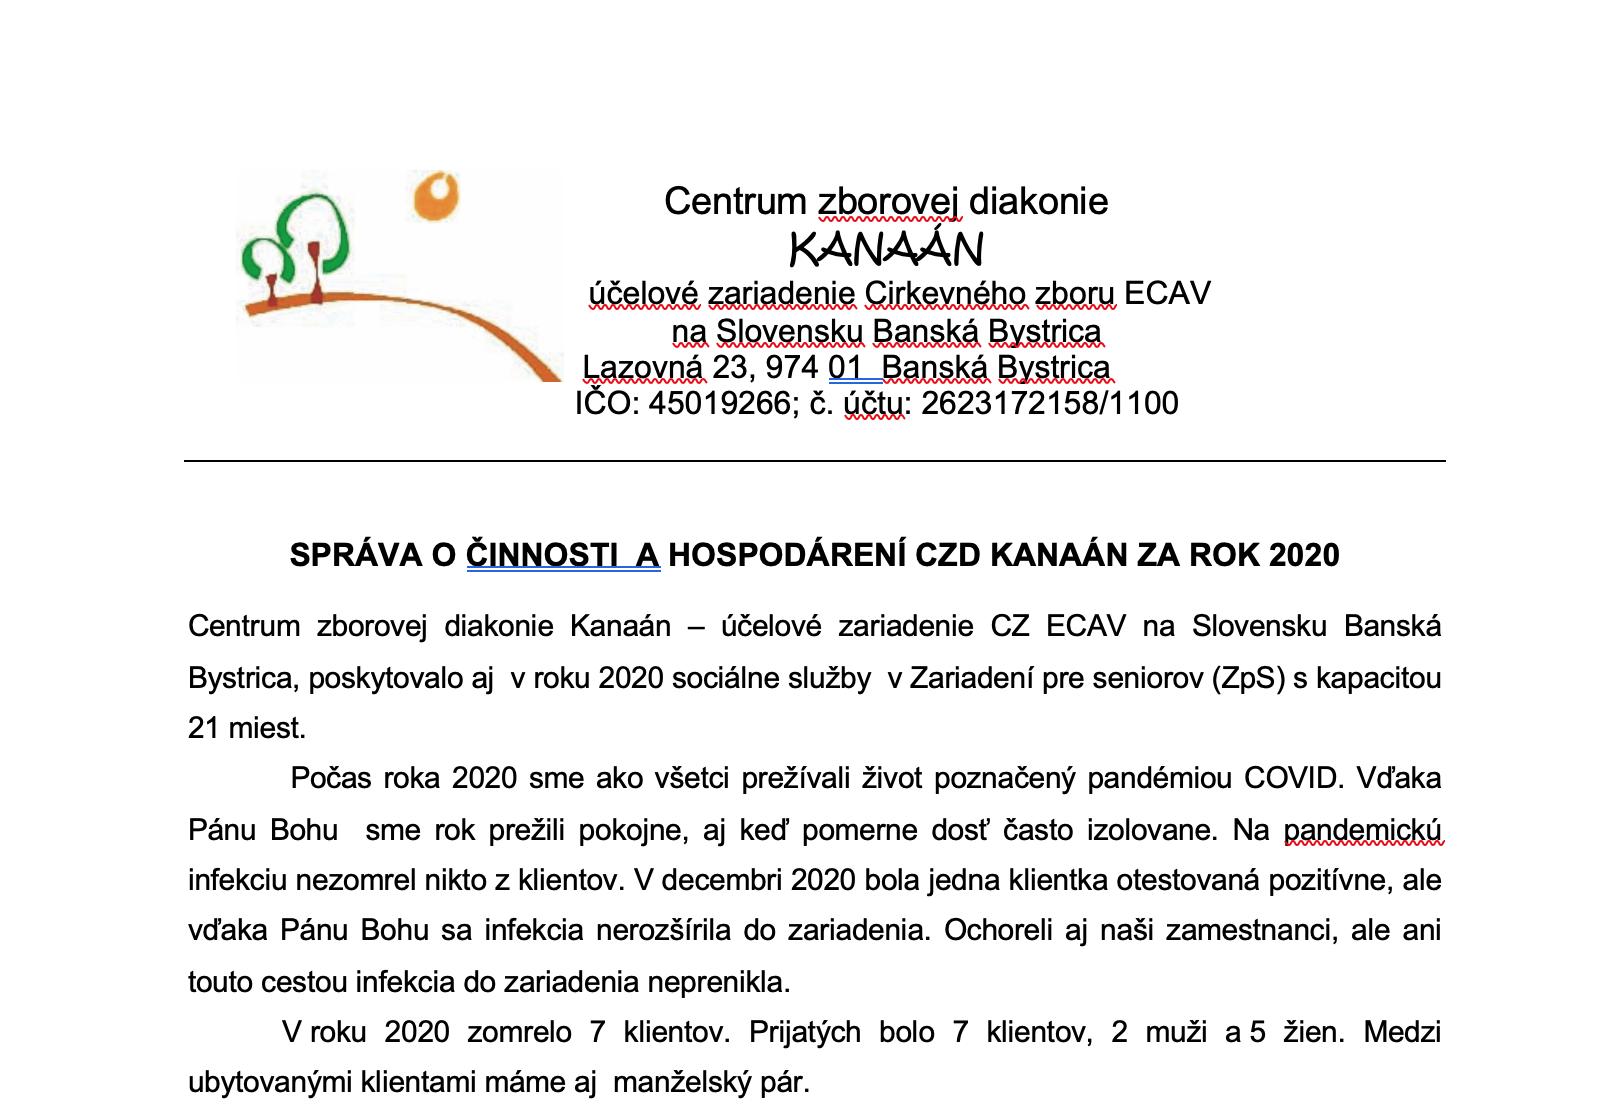 Správa o činnosti CZD Kanaán za rok 2020